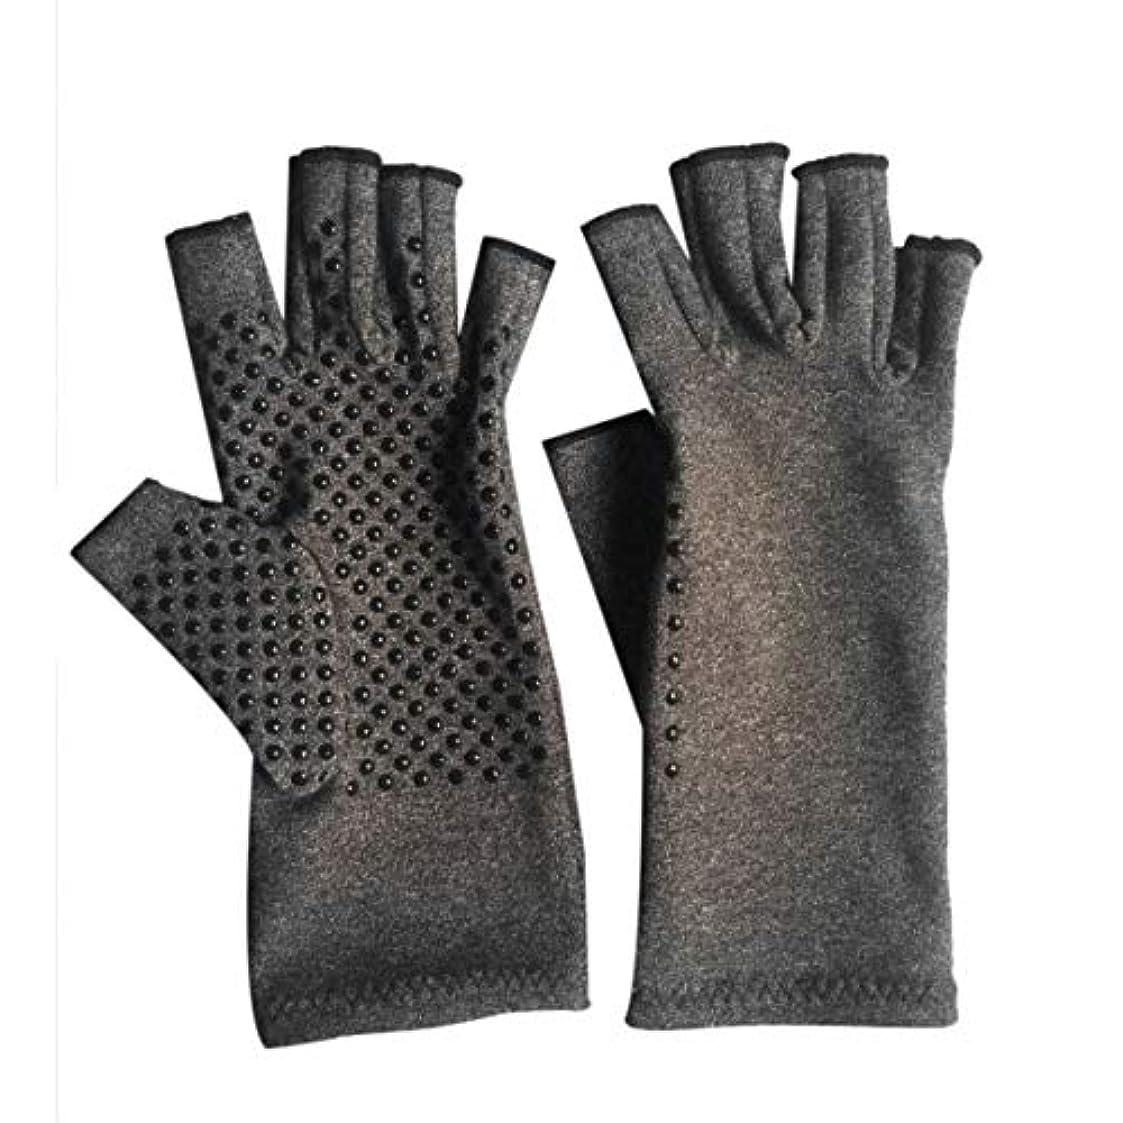 キャンディー鍔ドレス1ペアユニセックス男性女性療法圧縮手袋関節炎関節痛緩和ヘルスケア半指手袋トレーニング手袋 - グレーM